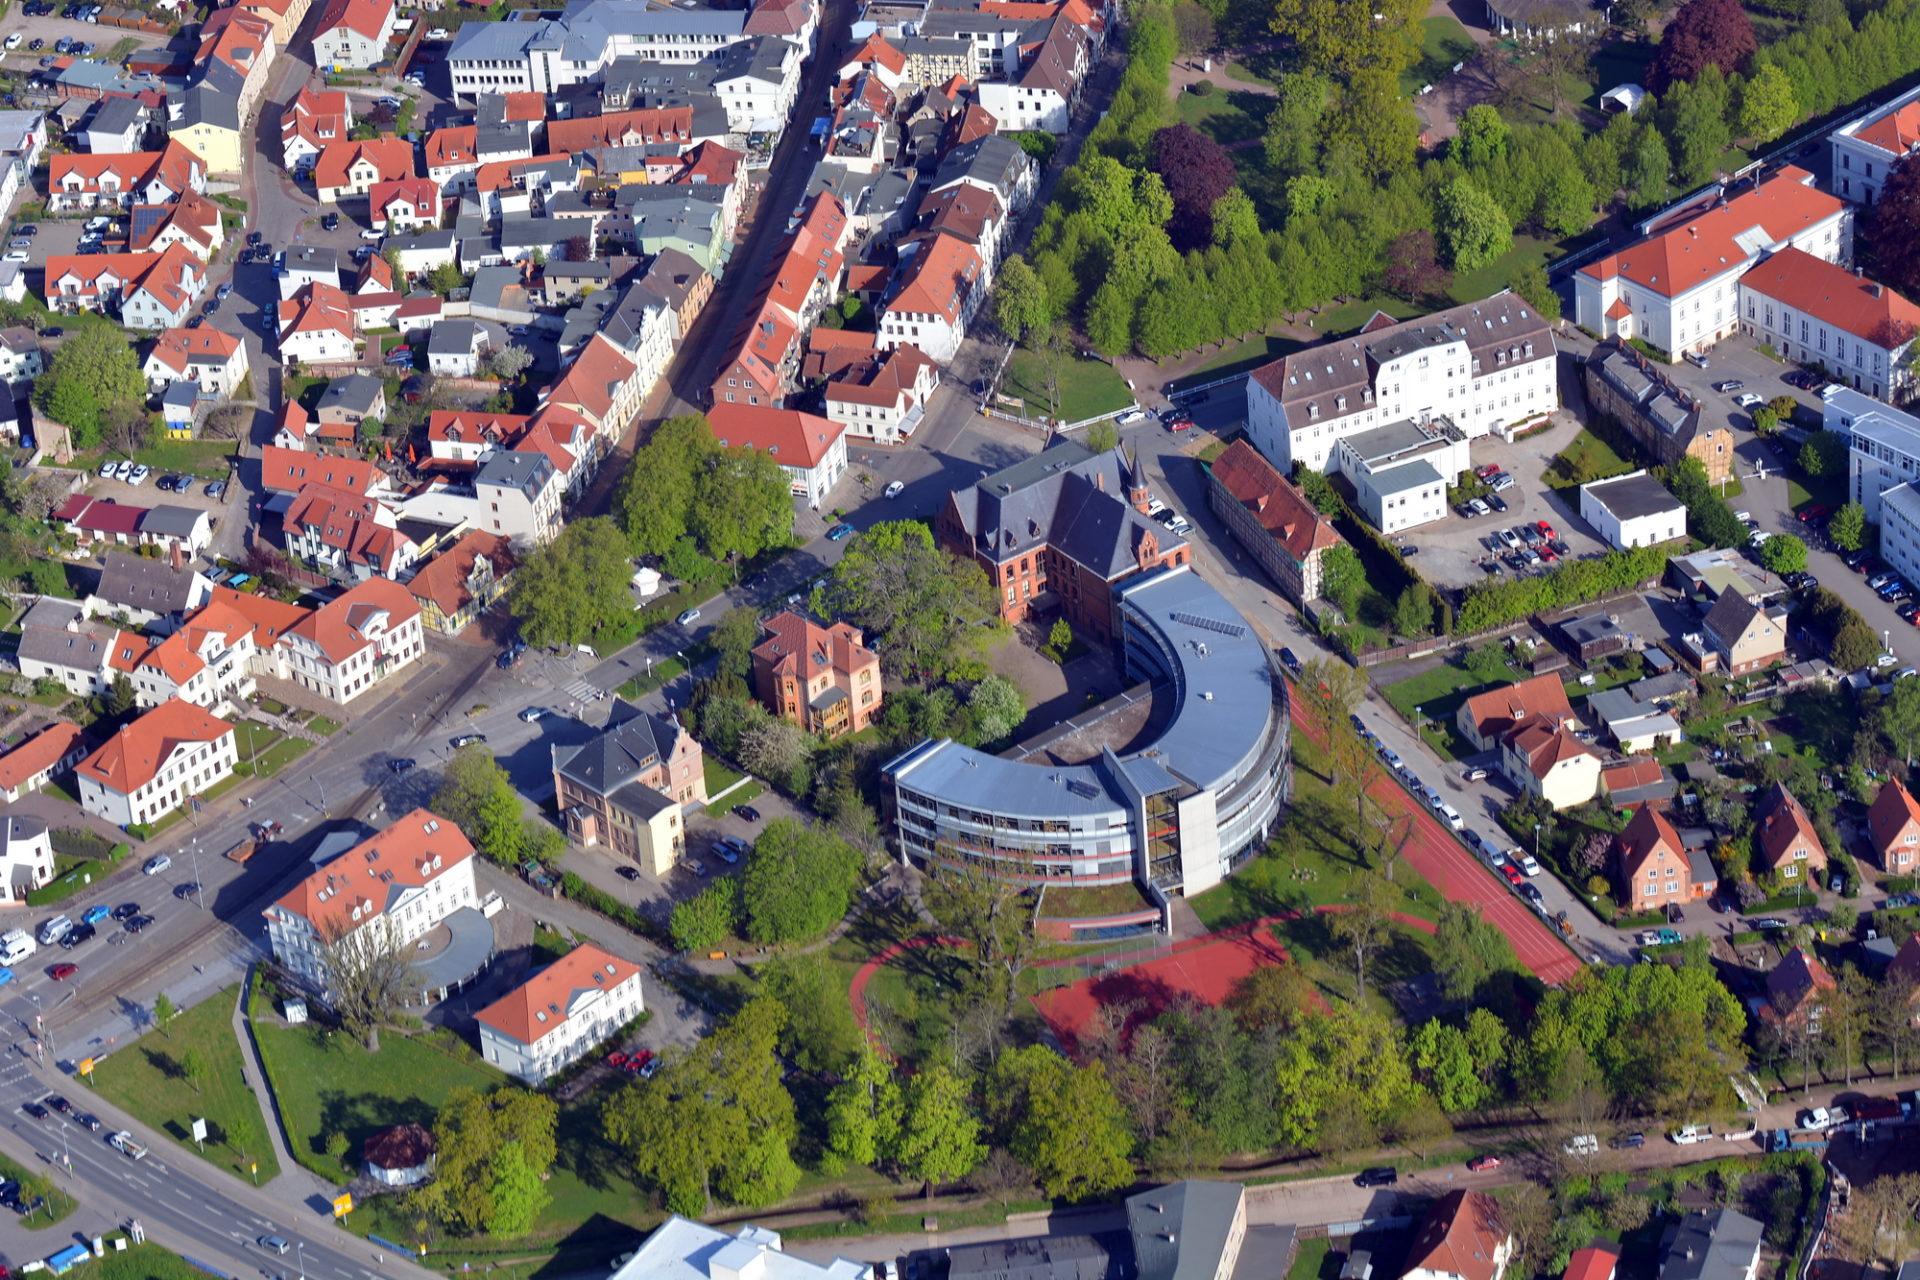 Luftbild vom Alexandrinenplatz Bad Doberan mit Prinzenpalais, Gymnasium und Friedrich-Franz-Palais